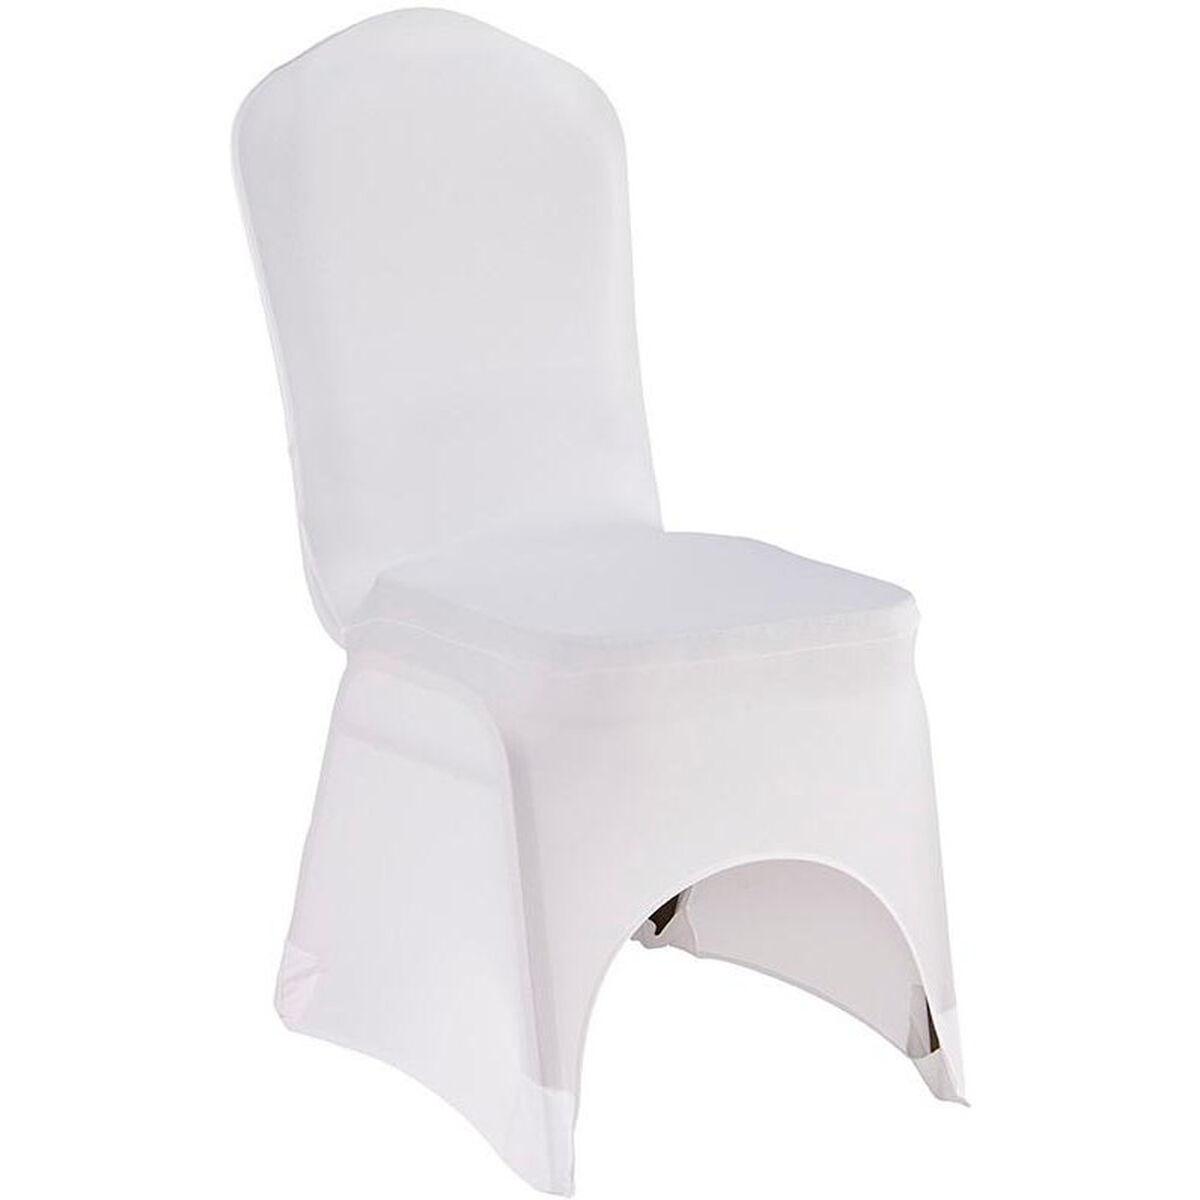 banquet chair cover stretch 16413 churchchairs4less com